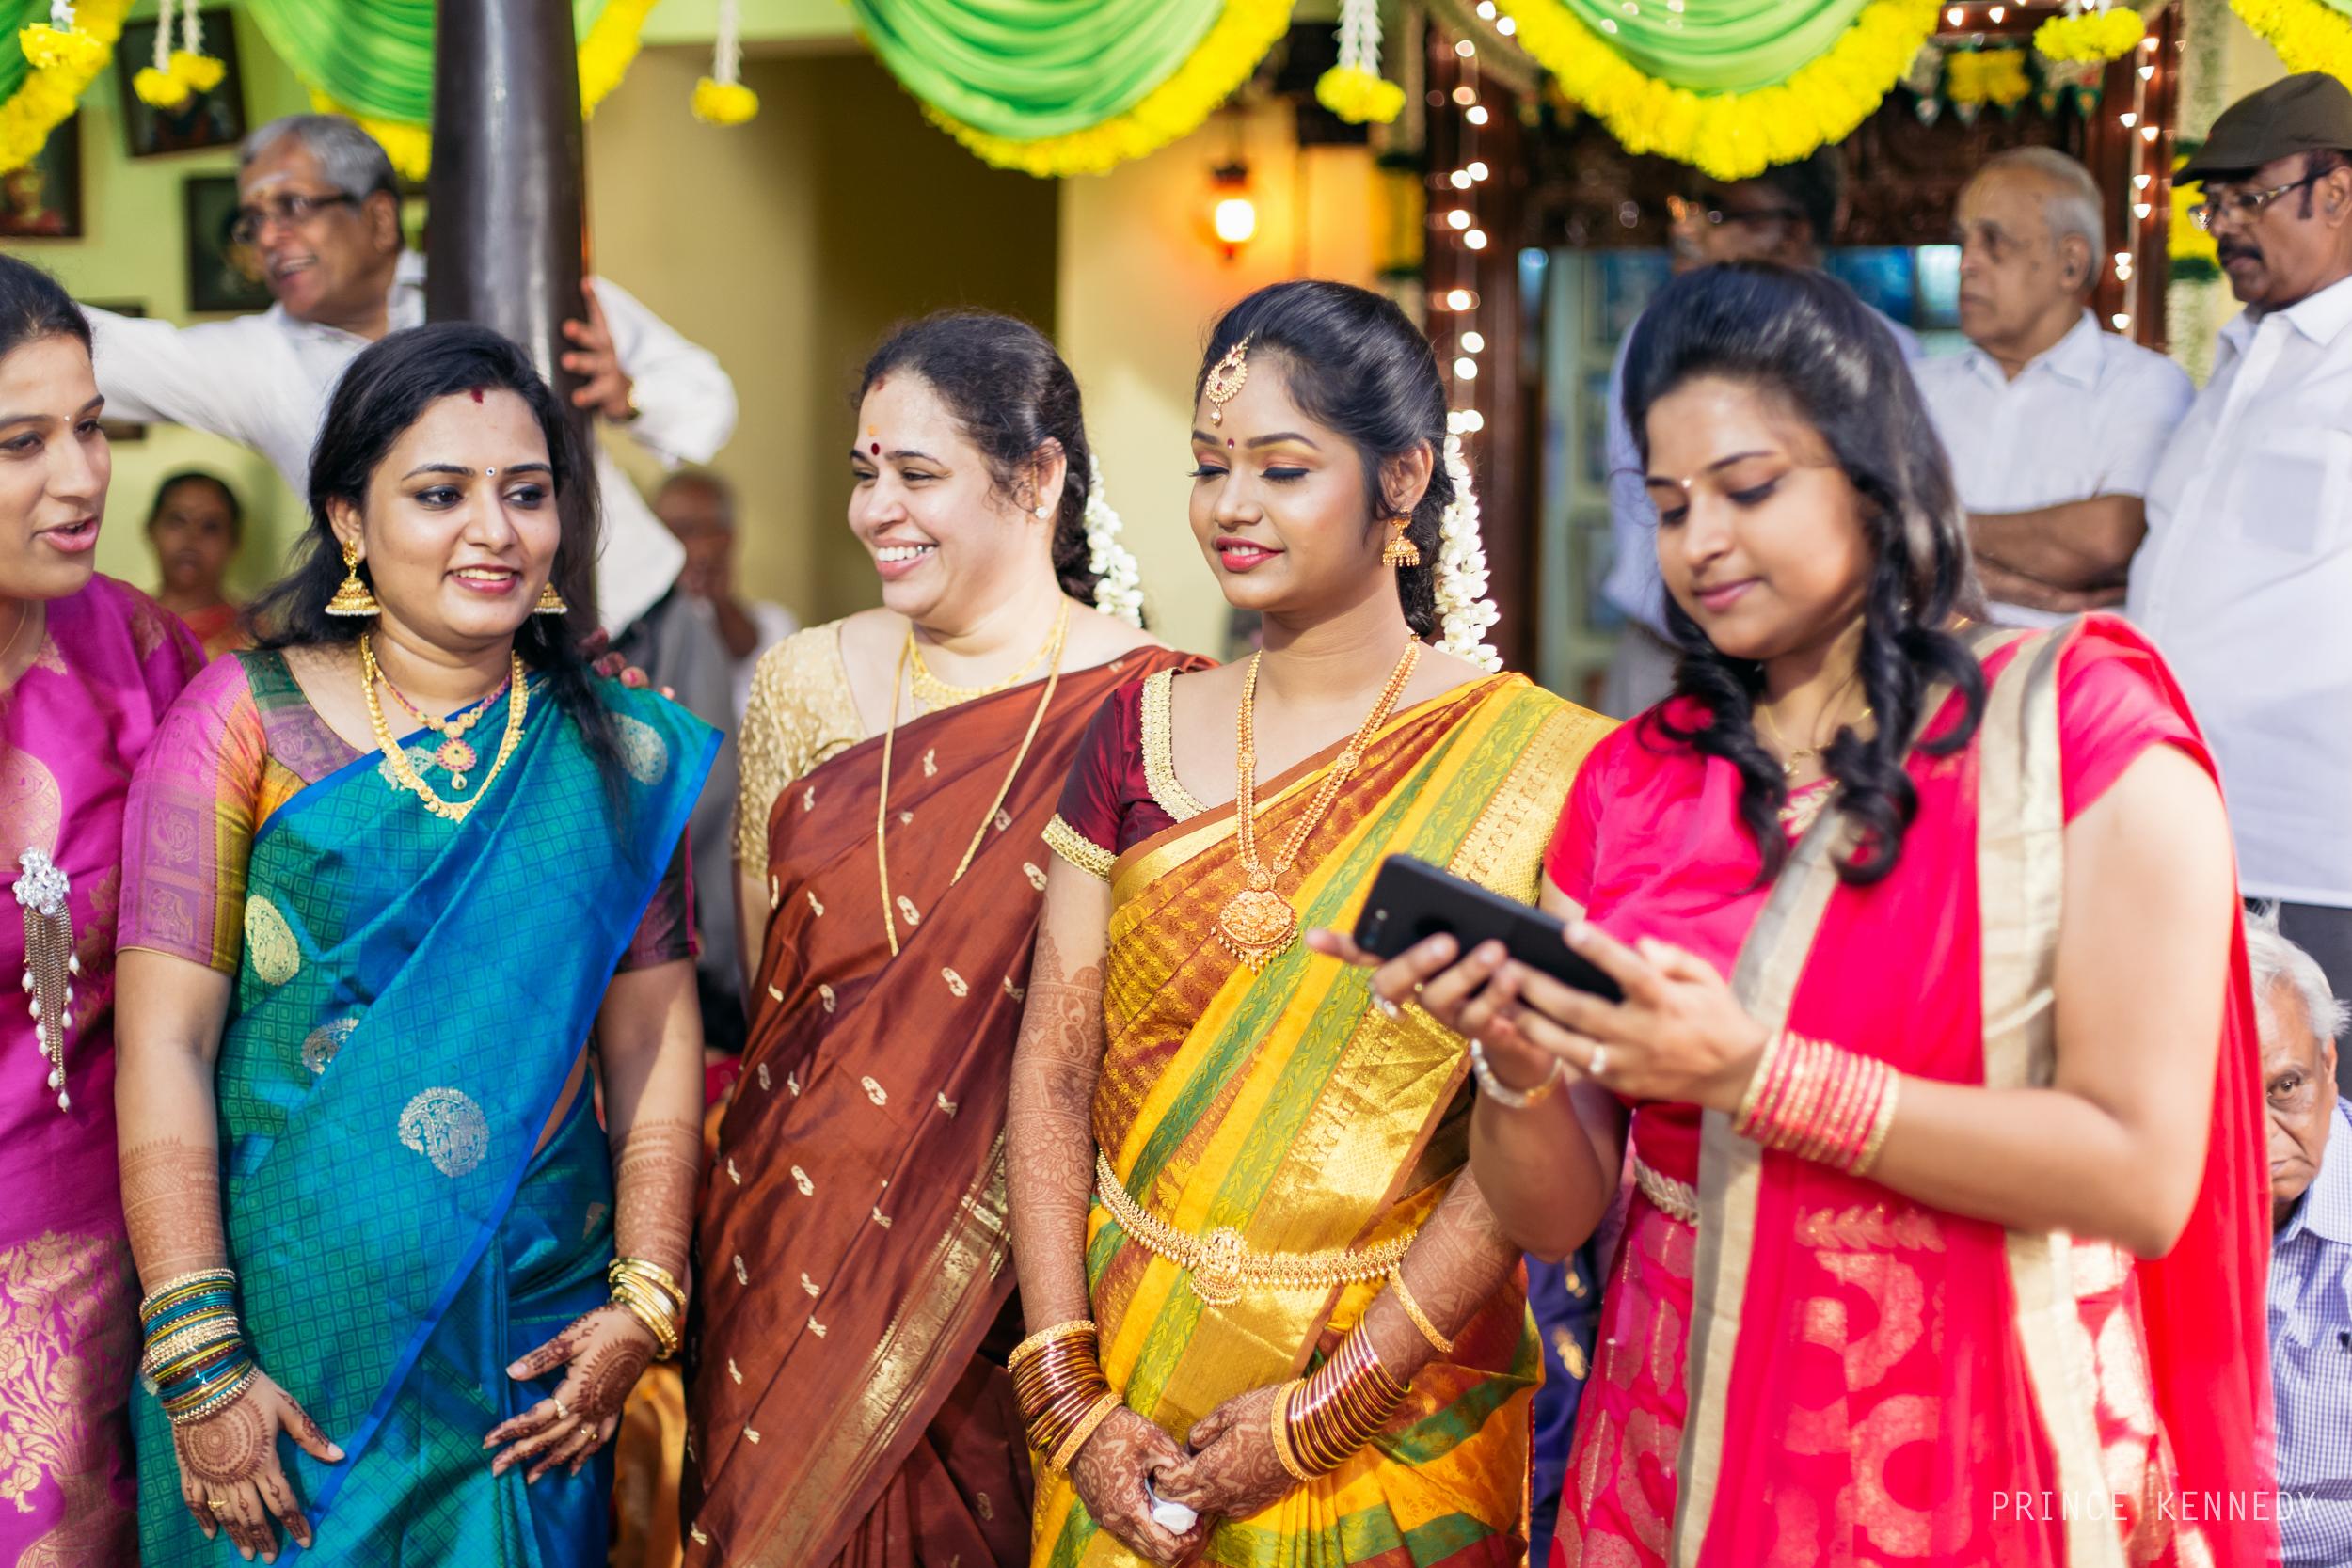 Engagement-Couple-Portrait-Portraiture-Wedding-Couple-Portrait-Chennai-Photographer-Candid-Photography-Destination-Best-Prince-Kennedy-Photography-155.jpg